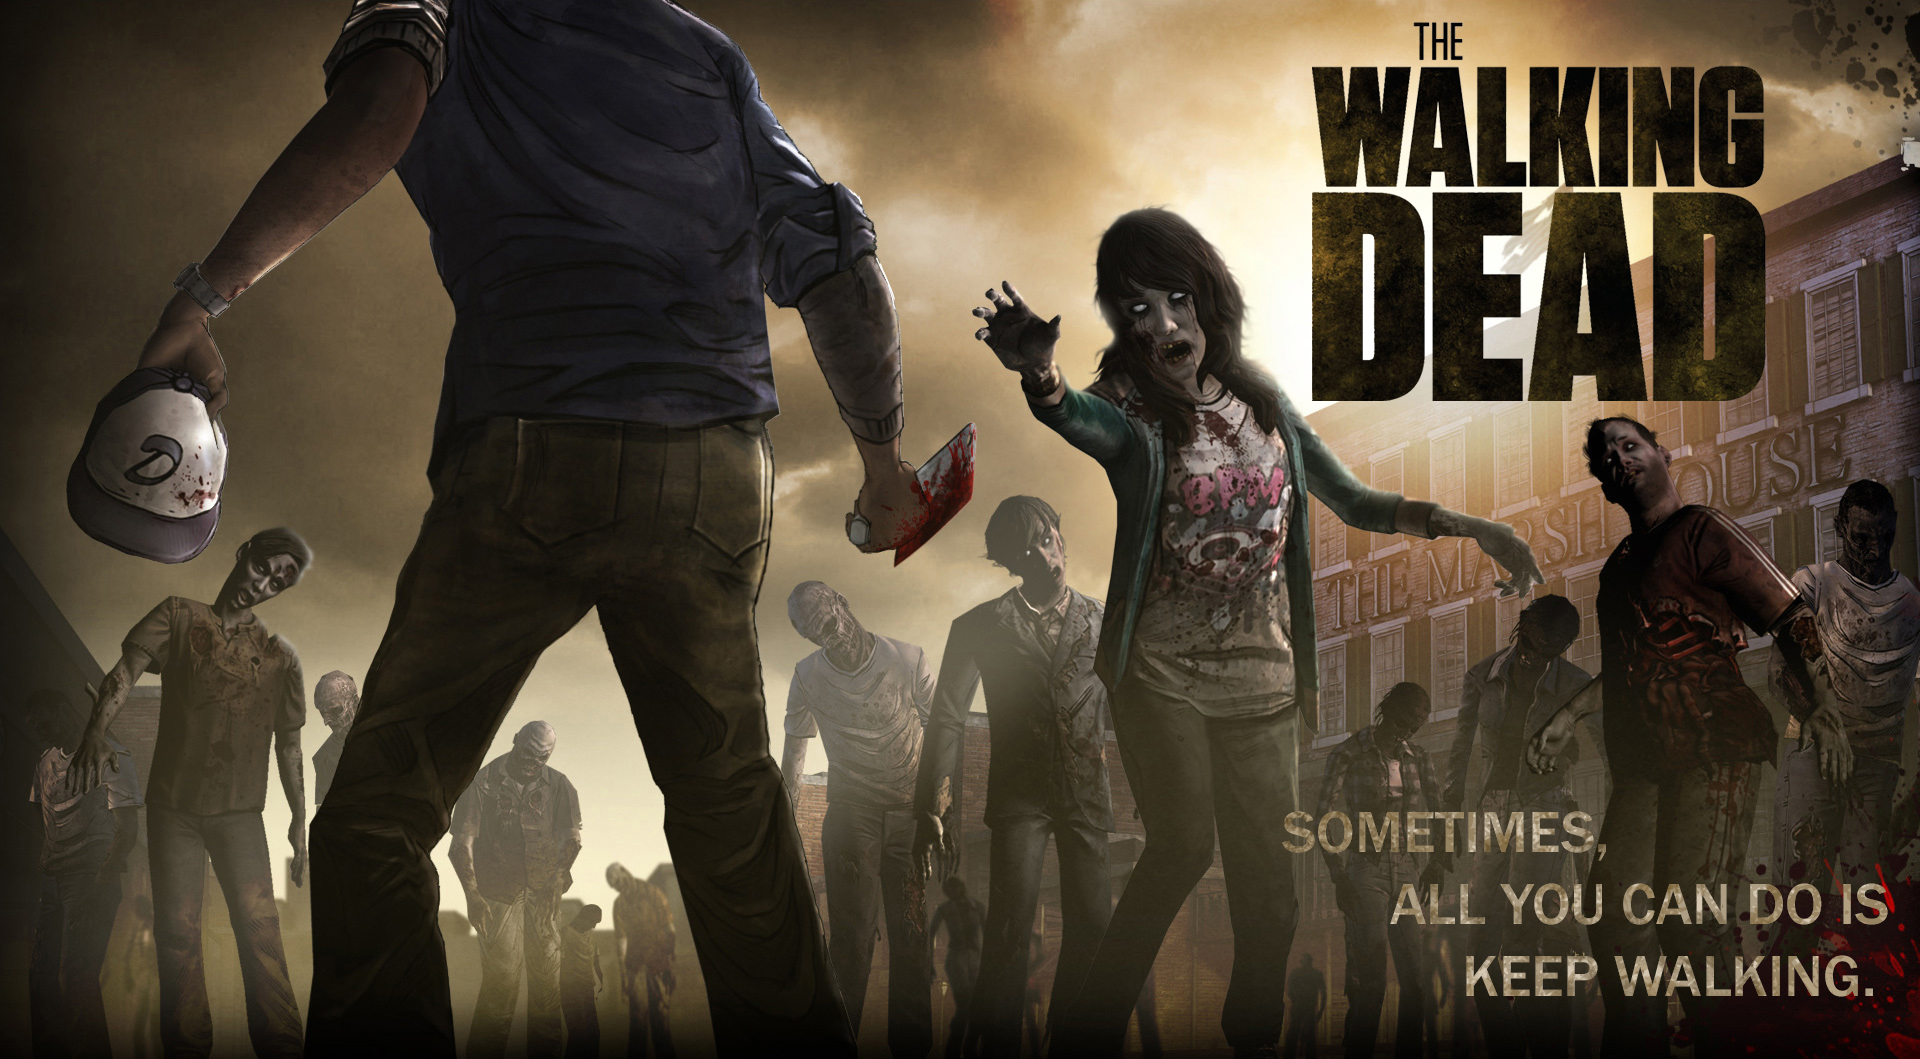 The Walking Dead Free Wallpapers Wallpaper - Walking Dead Telltale Season 1 No Time Left , HD Wallpaper & Backgrounds